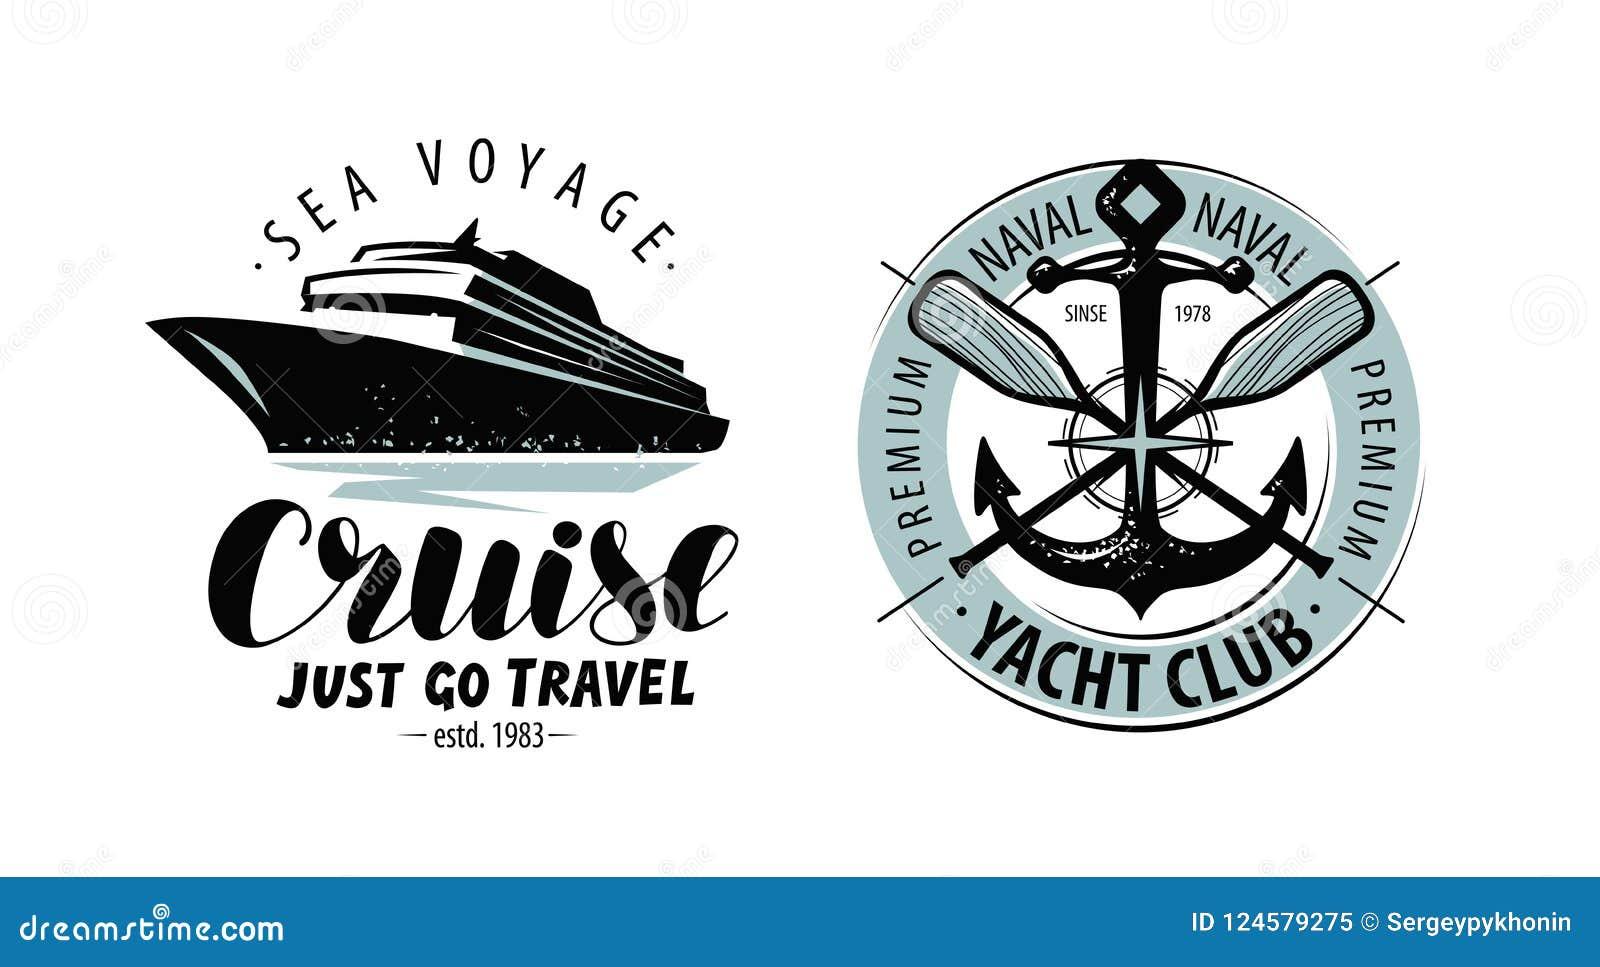 Cruise, het embleem van de jachtclub of etiket De geroeste, oude, symbolische ketting van een anker met boten verdween terug lang